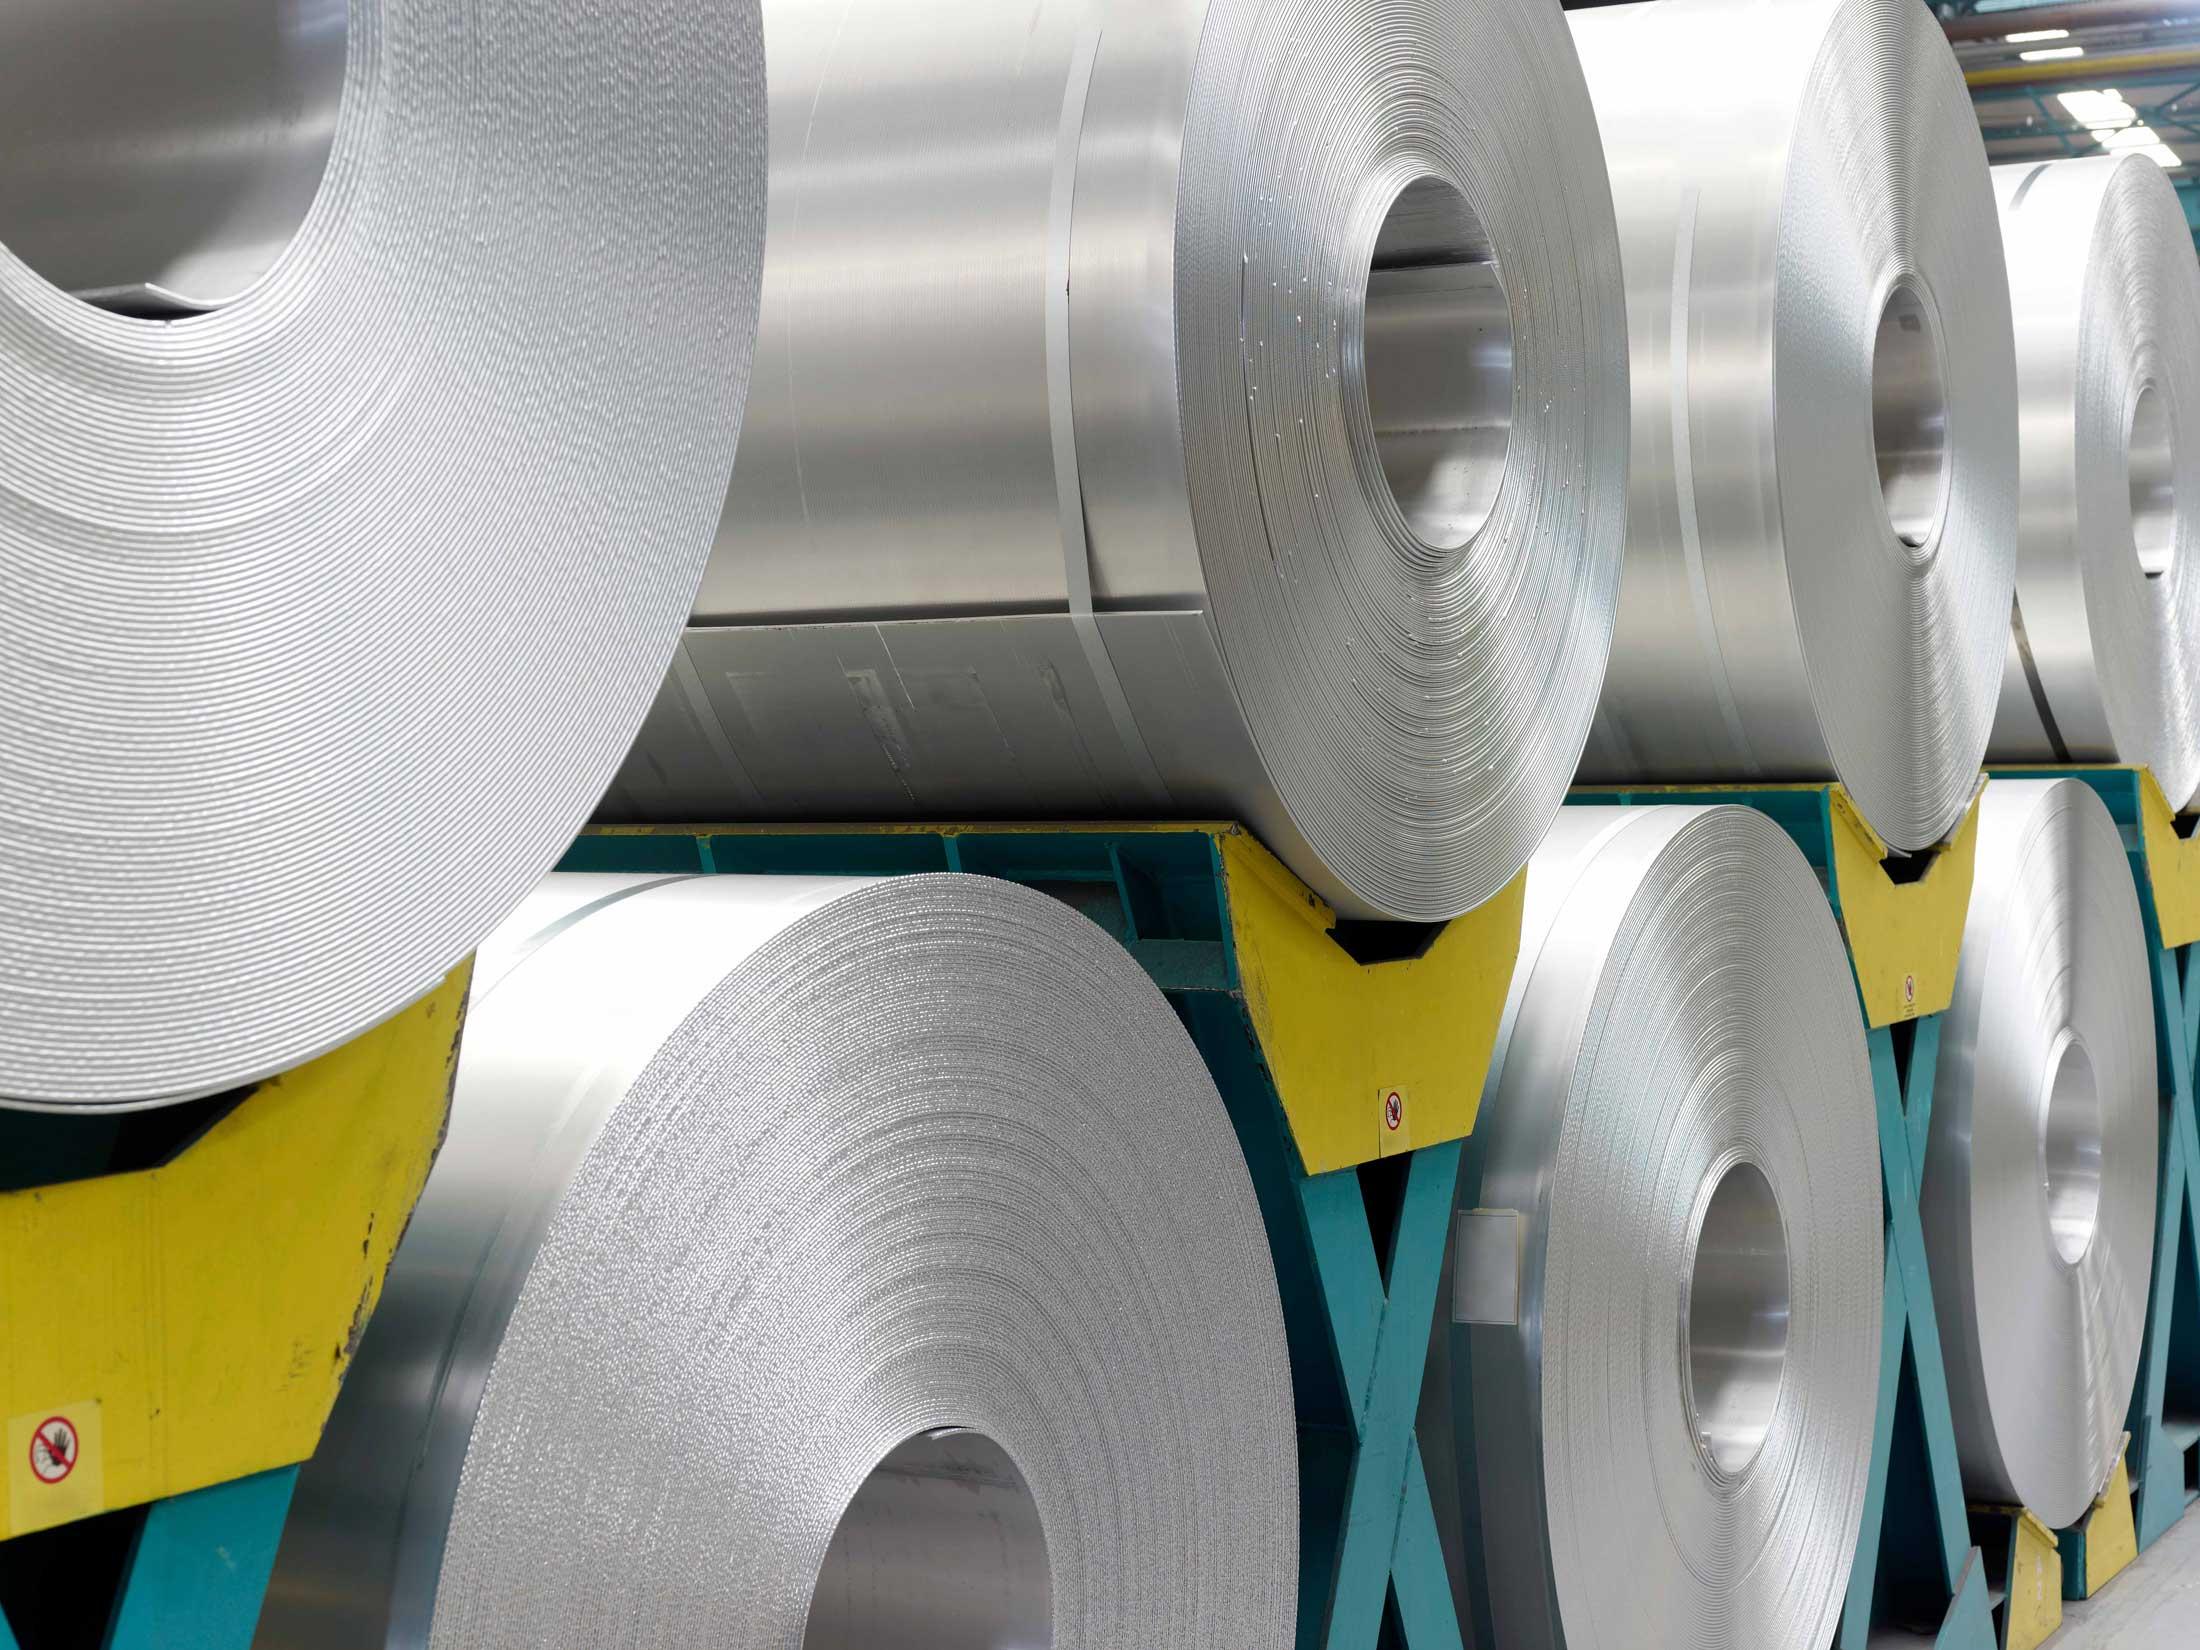 Sheet steel on rolls before shredding